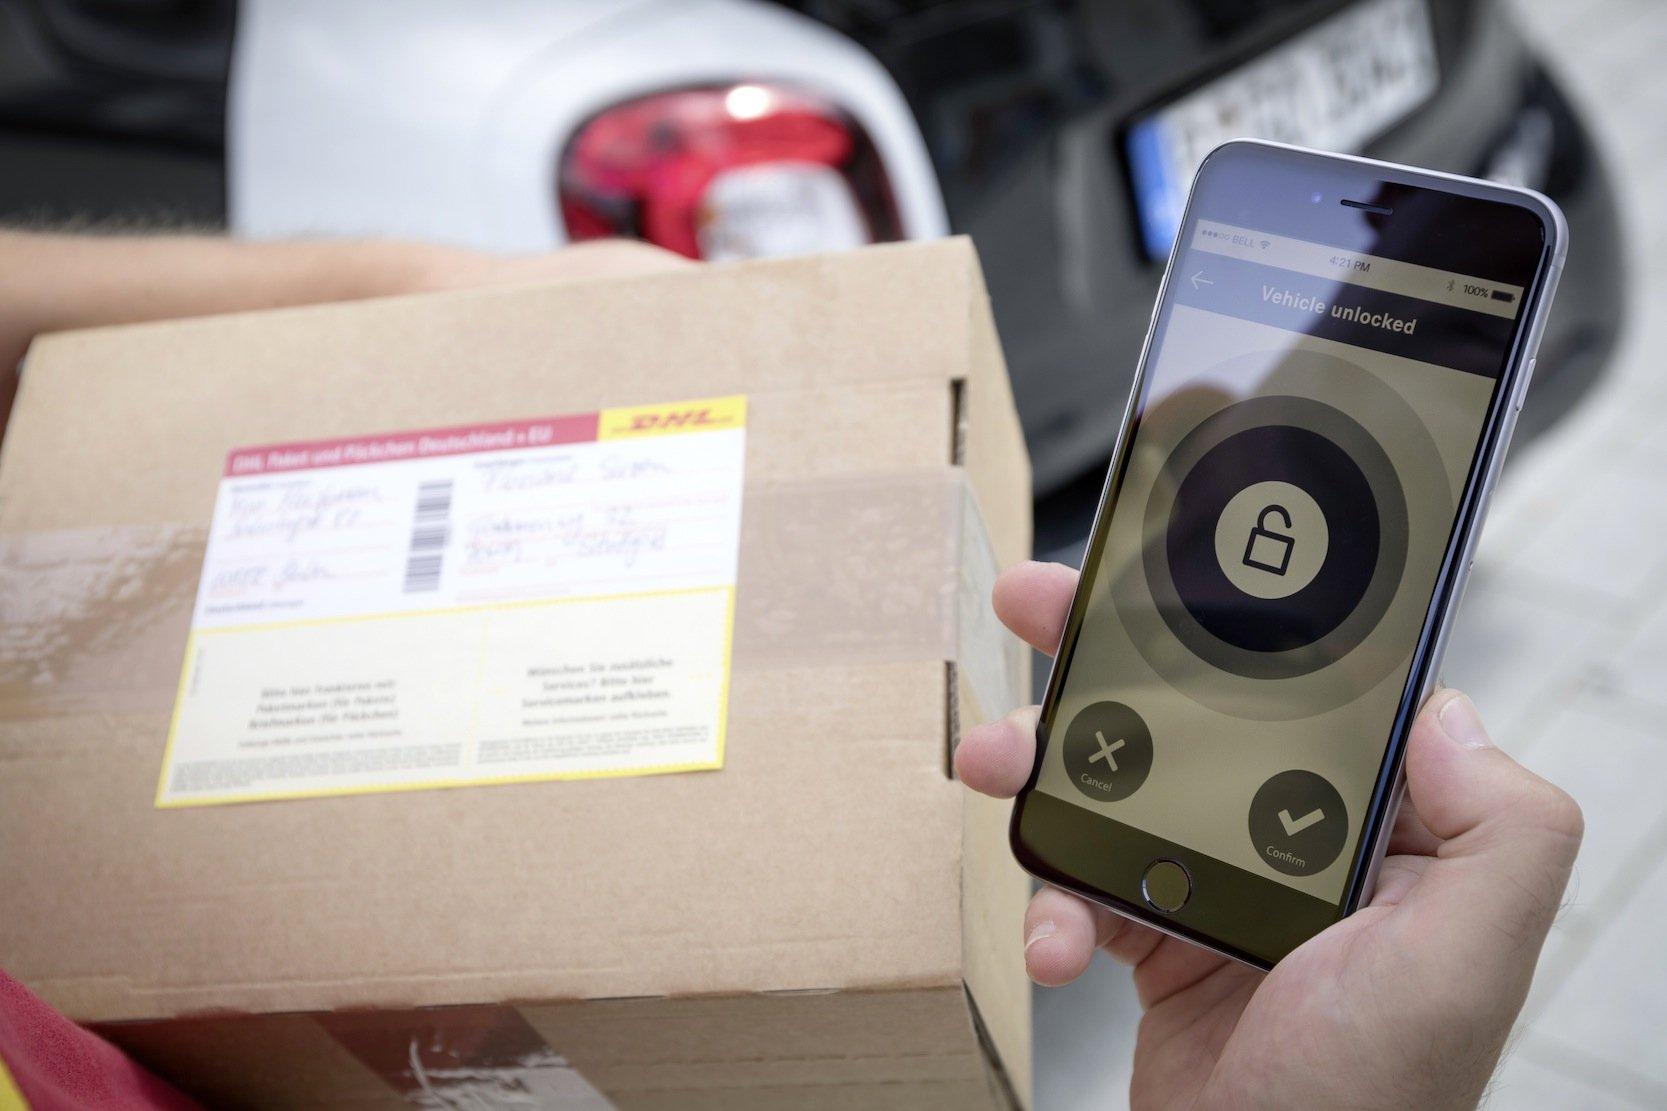 Der Paketzusteller kann den Kofferraum mit einer TAN-Nummer öffnen, die der Fahrzeughalter vergibt.